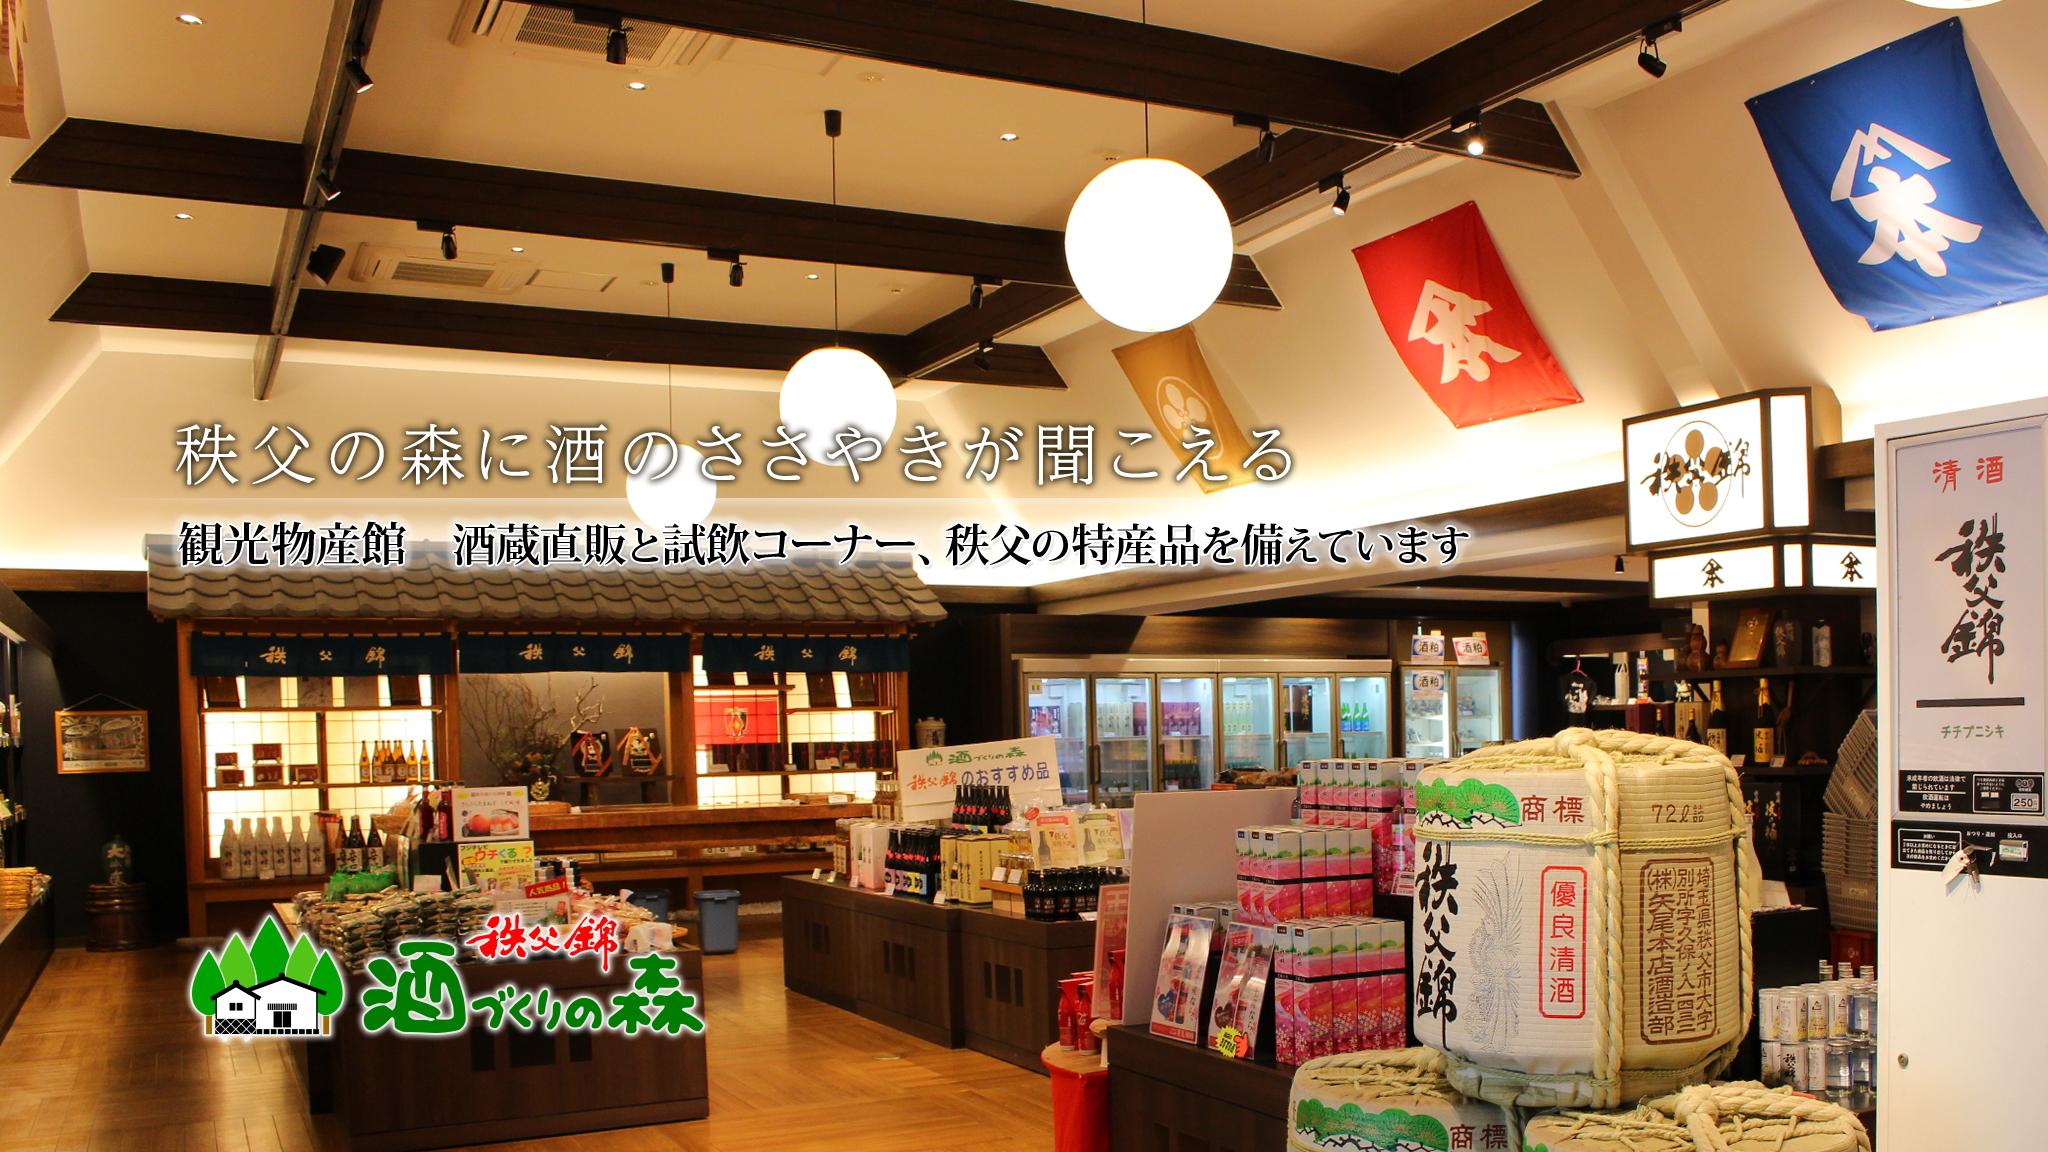 秩父錦 メインイメージ 酒蔵資料館 酒造り270年の歴史